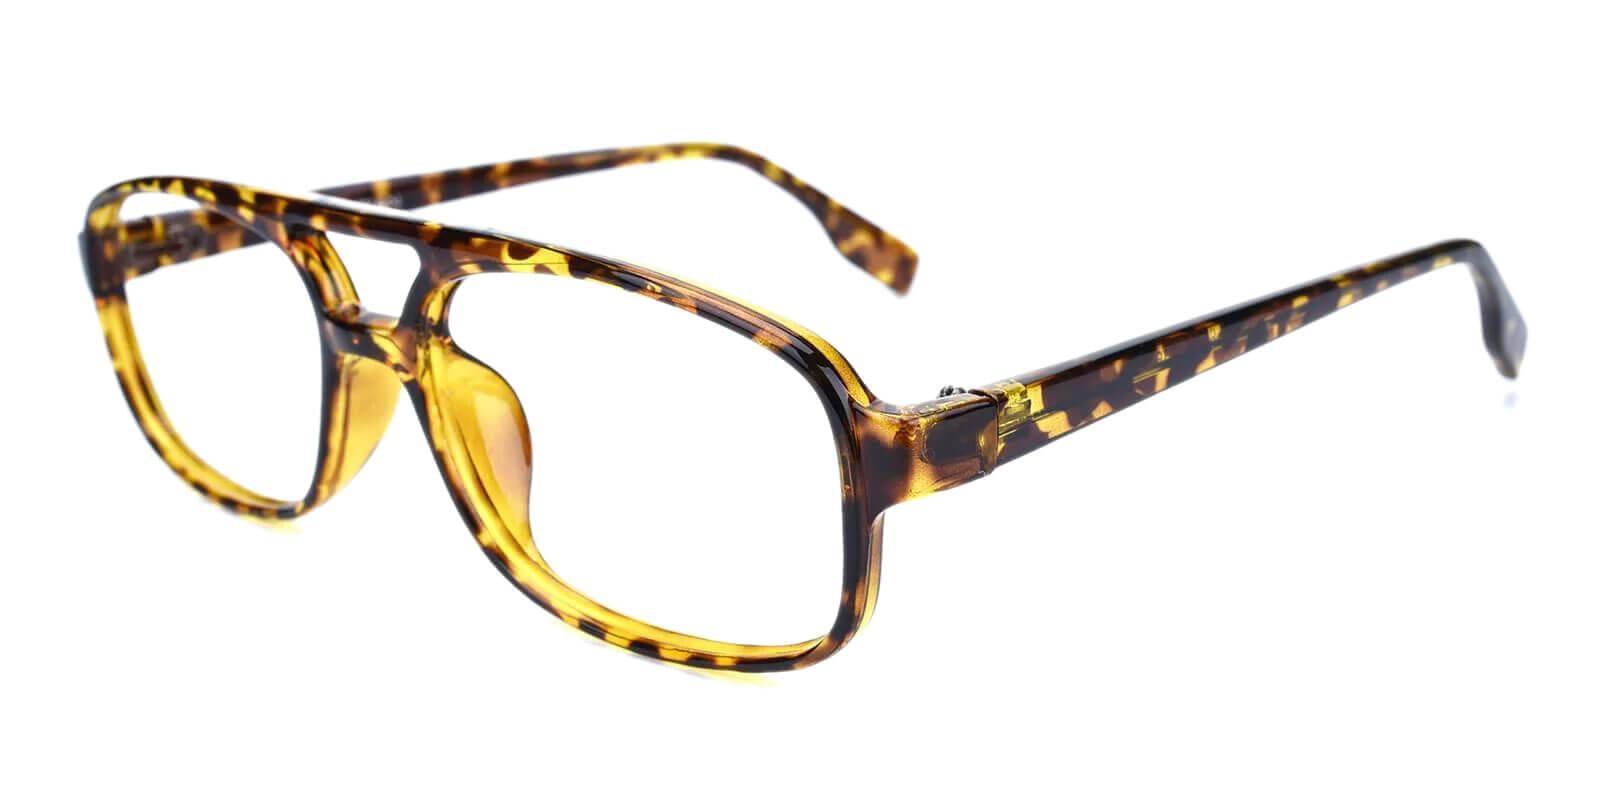 Rivet Tortoise Plastic Eyeglasses , UniversalBridgeFit Frames from ABBE Glasses